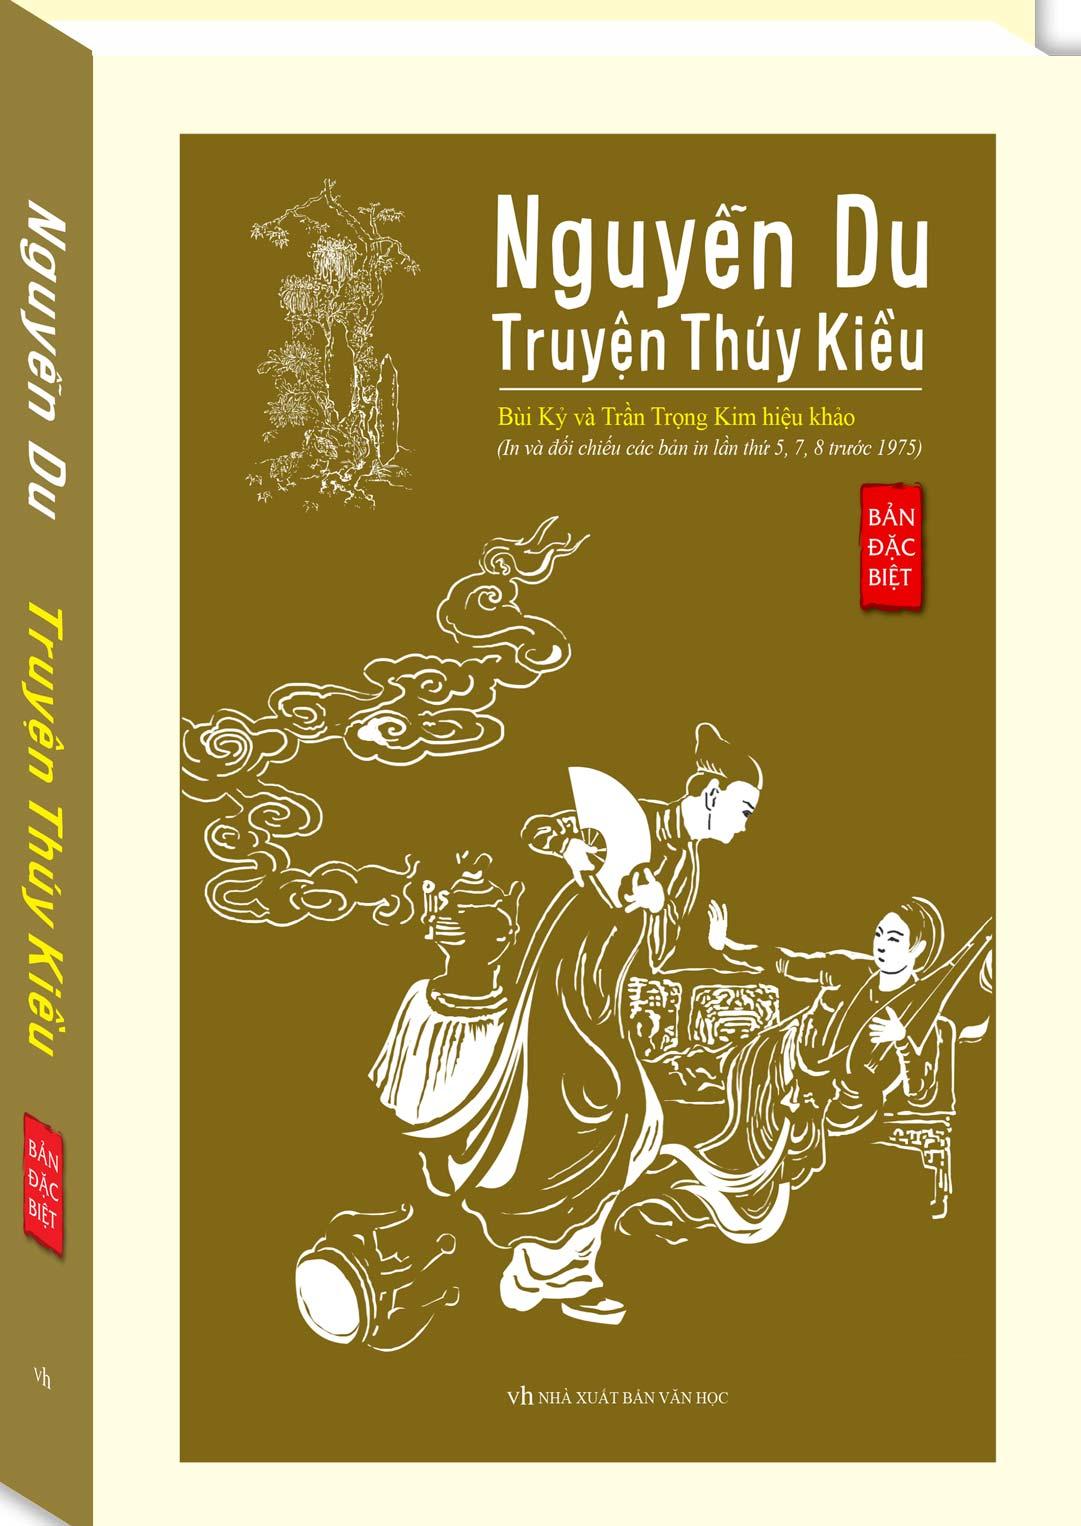 Nguyễn Du - Truyện Thúy Kiều - Bản Đặc Biệt (Bìa Cứng) - EBOOK/PDF/PRC/EPUB